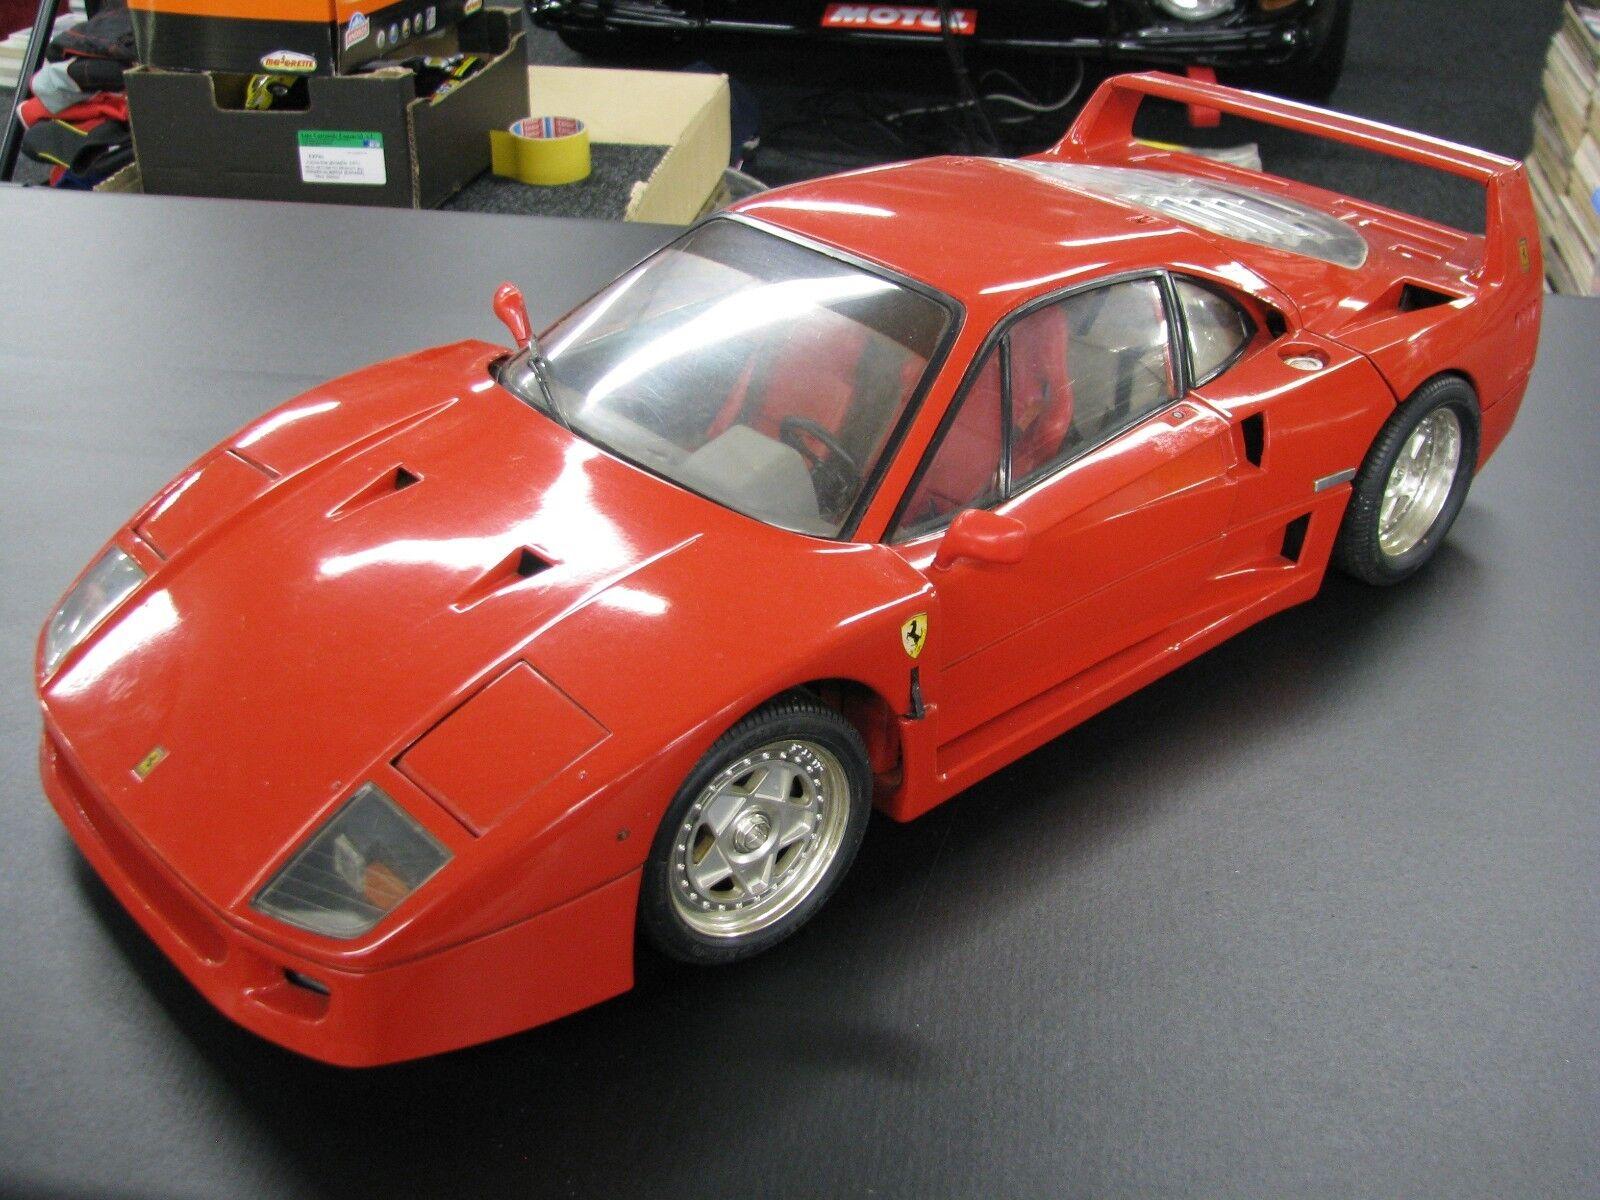 Pocher built kit Ferrari F40 1 8 red